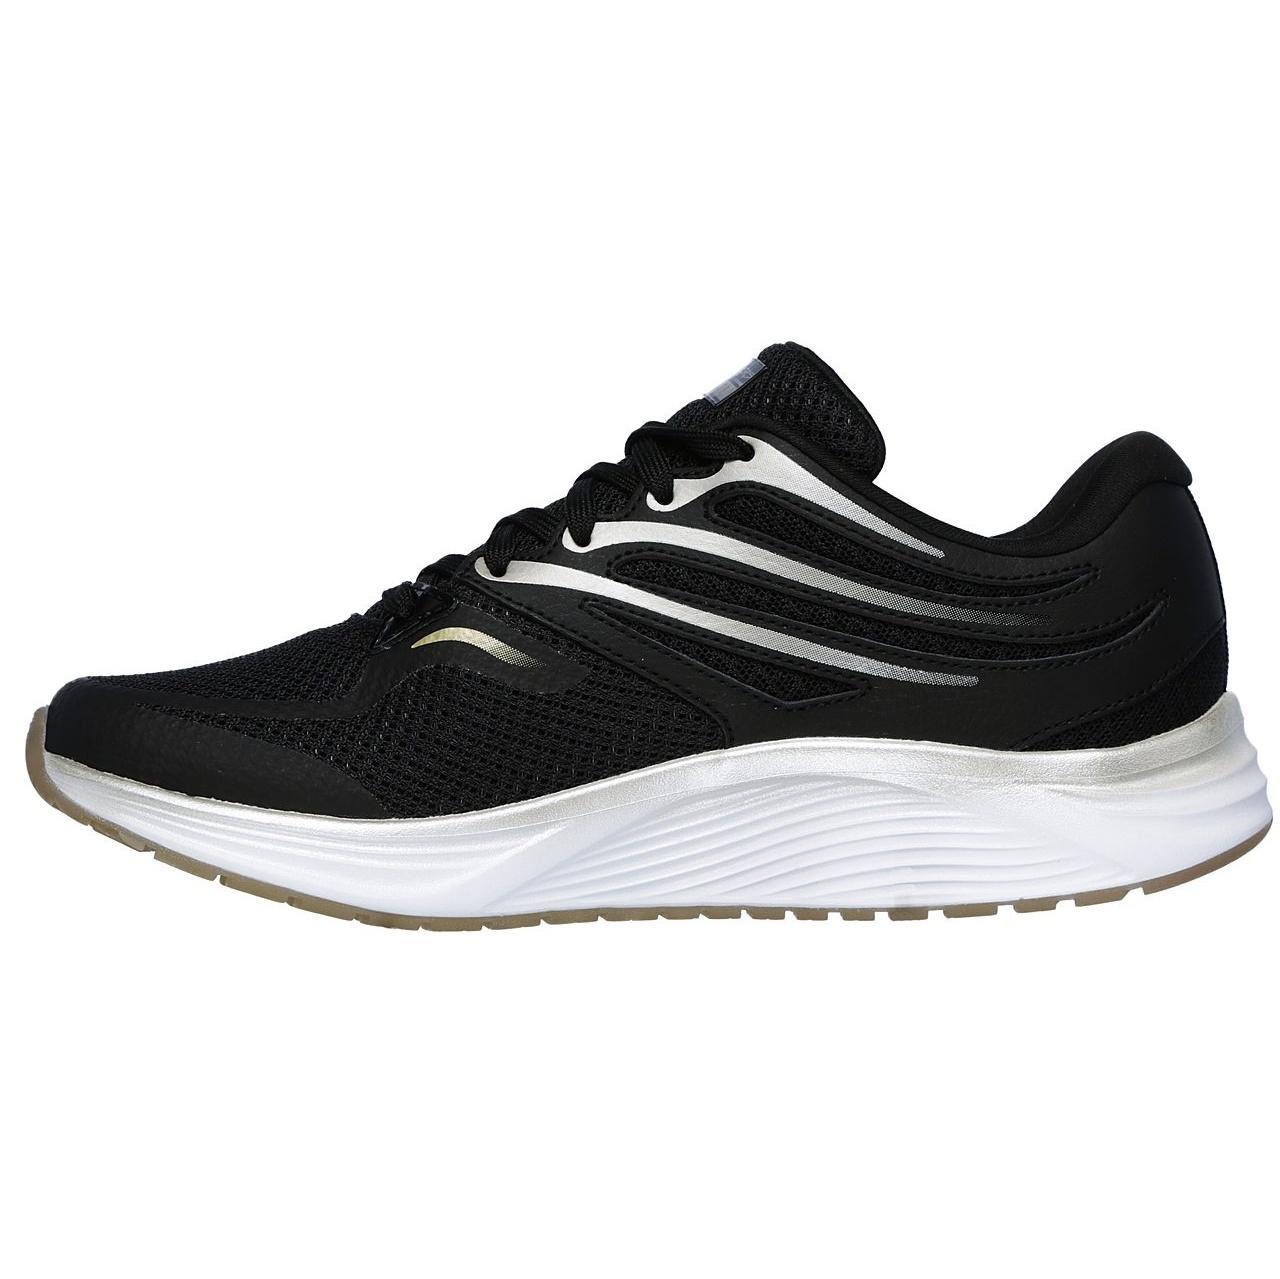 کفش مخصوص پیاده روی زنانه اسکچرز مدل 13041BKGD